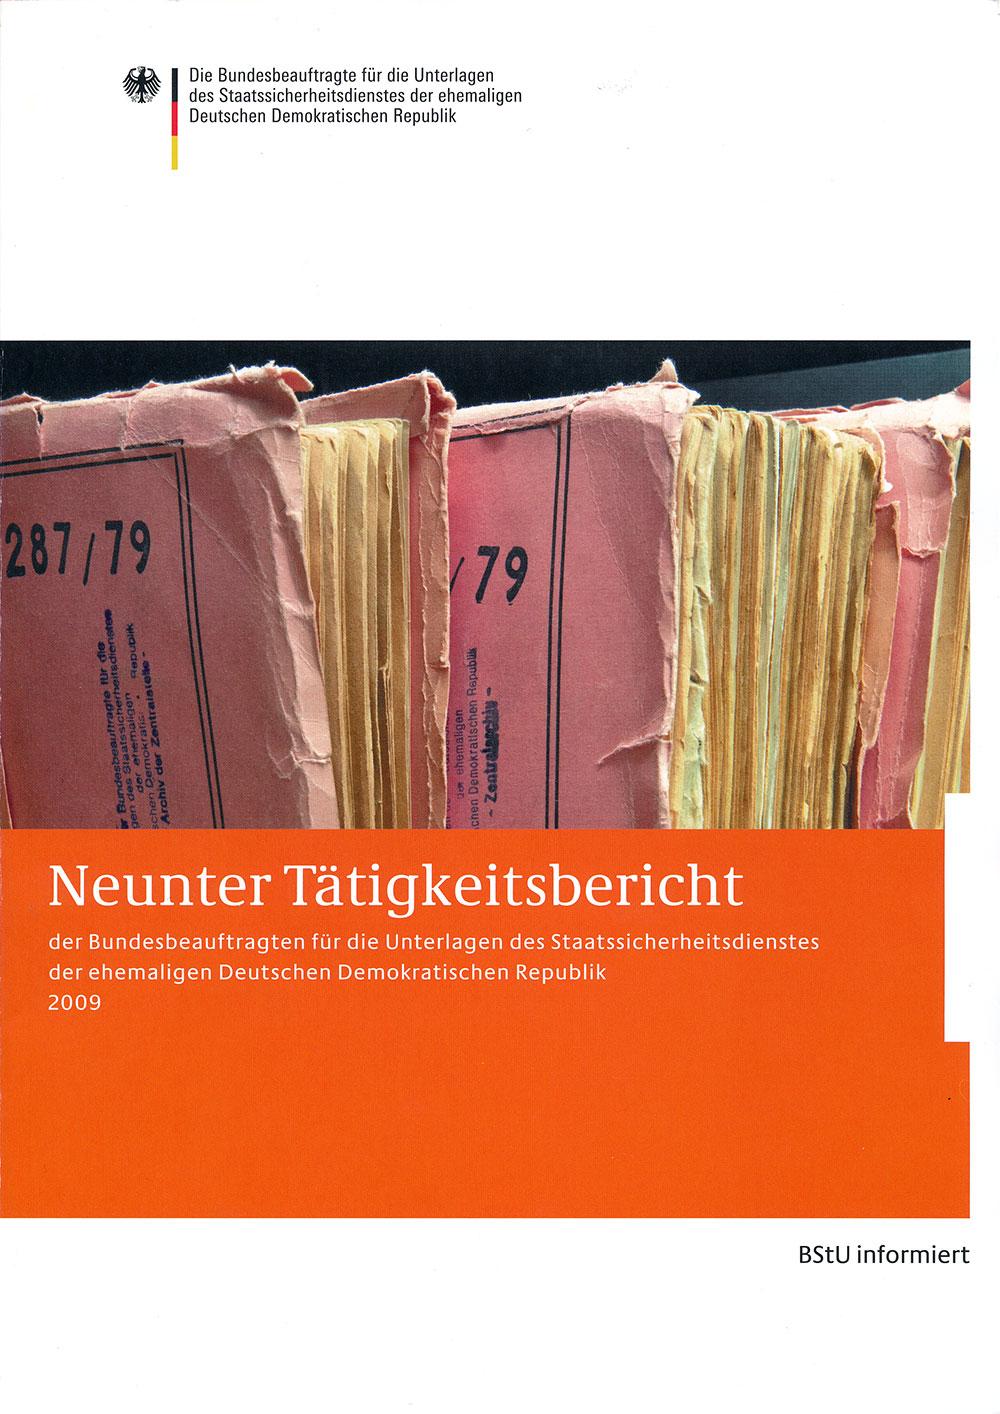 Titelblatt des neunten Tätigkeitsberichts der BStU